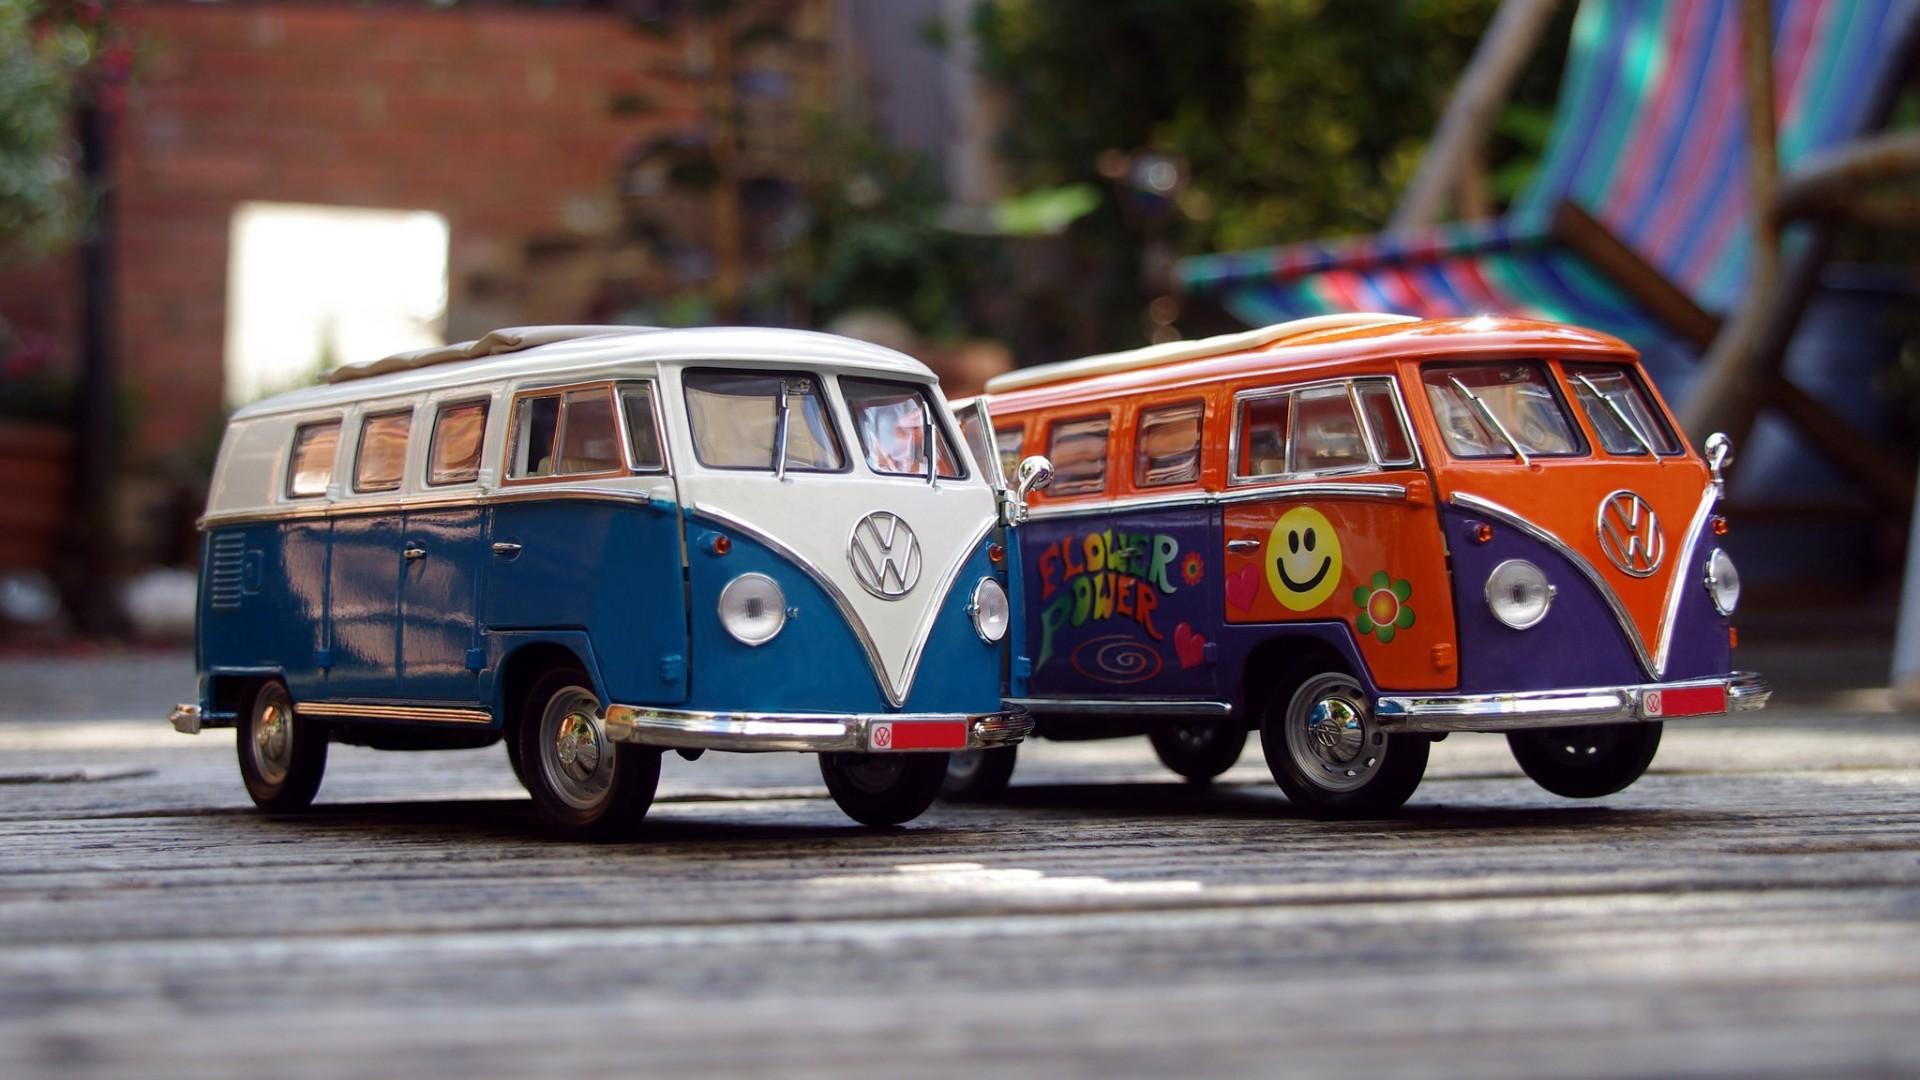 Fondos De Pantalla Coche Vehículo Volkswagen Combi